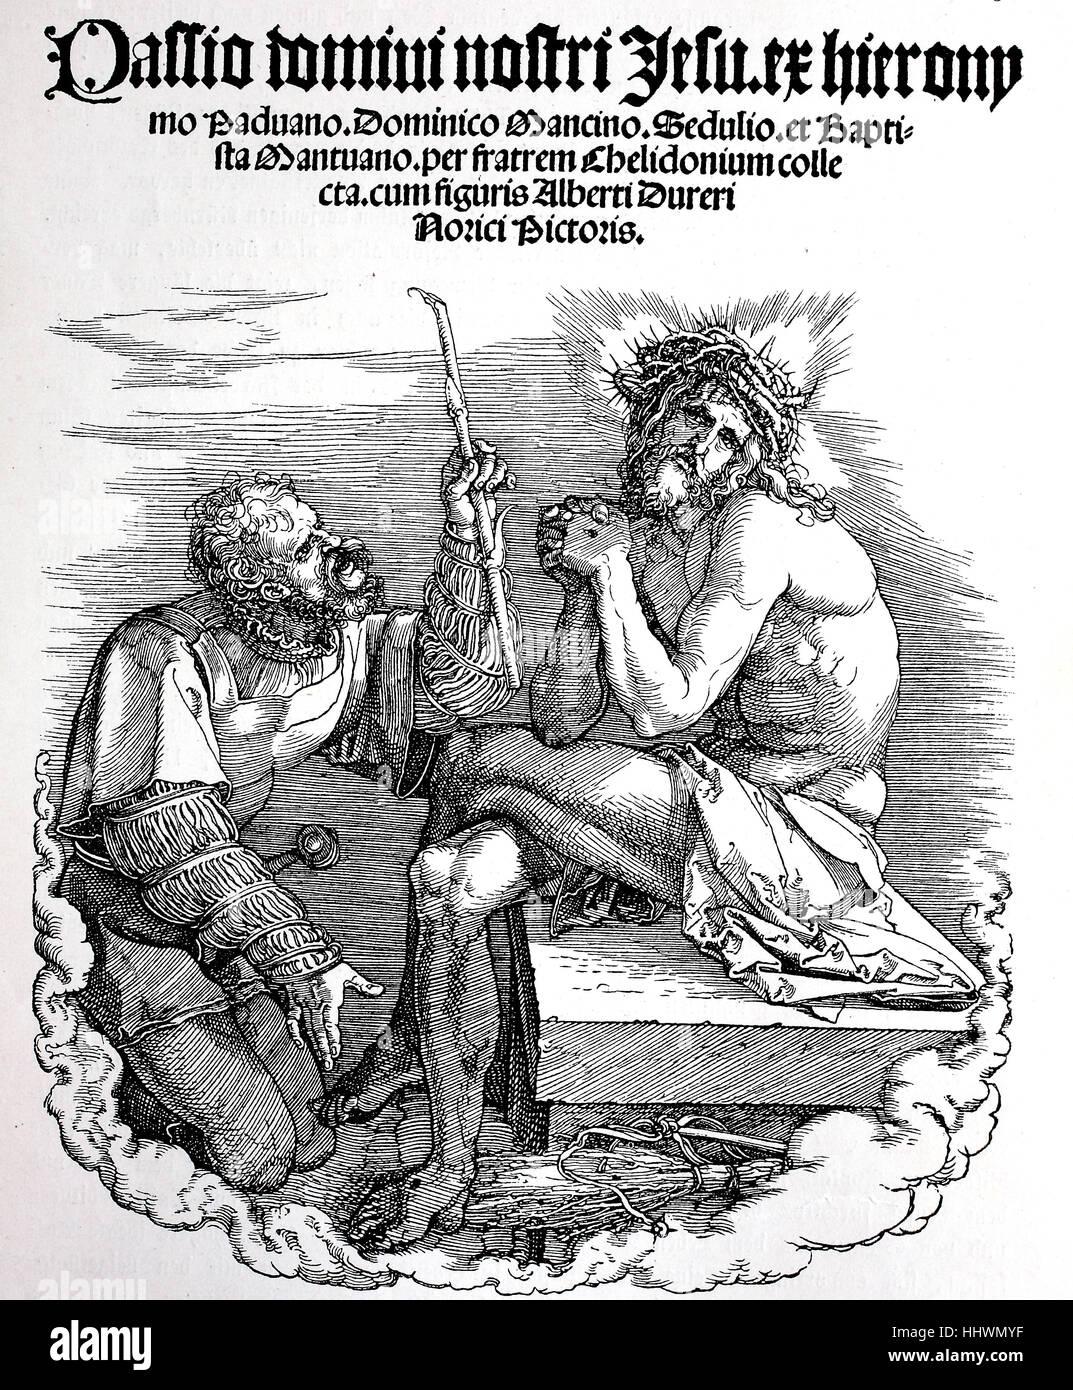 Holzschnitt des Titels, Leidenschaft, von Albrecht Duerer, Deutschland, historisches Bild oder Illustration, veröffentlicht Stockbild